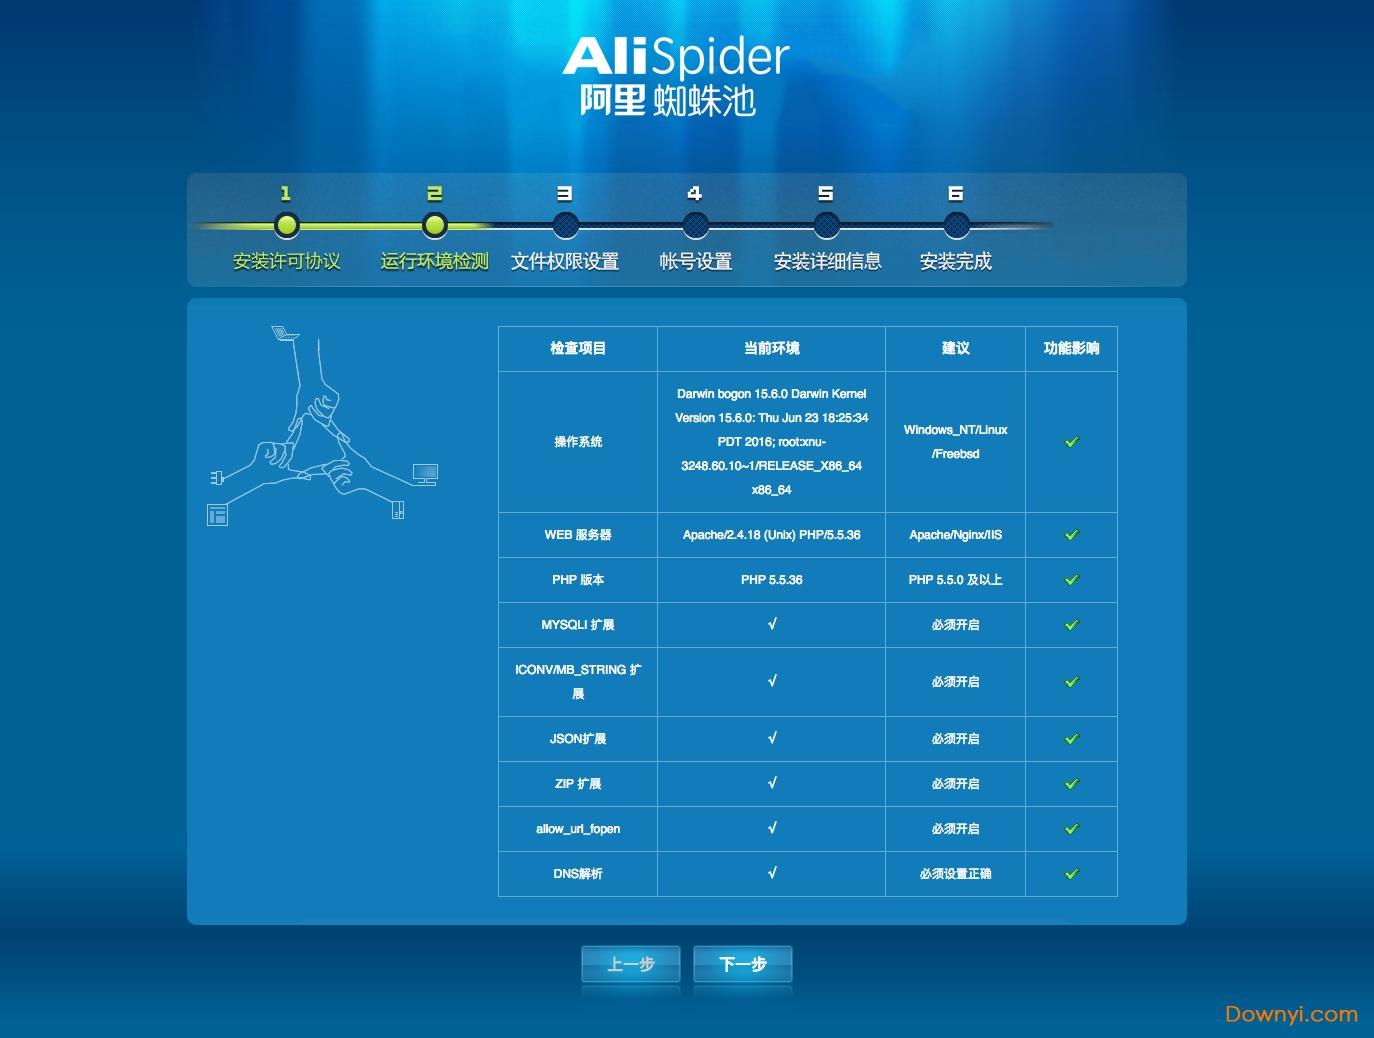 阿里蜘蛛池官方版 v1.4.2 最新版 0